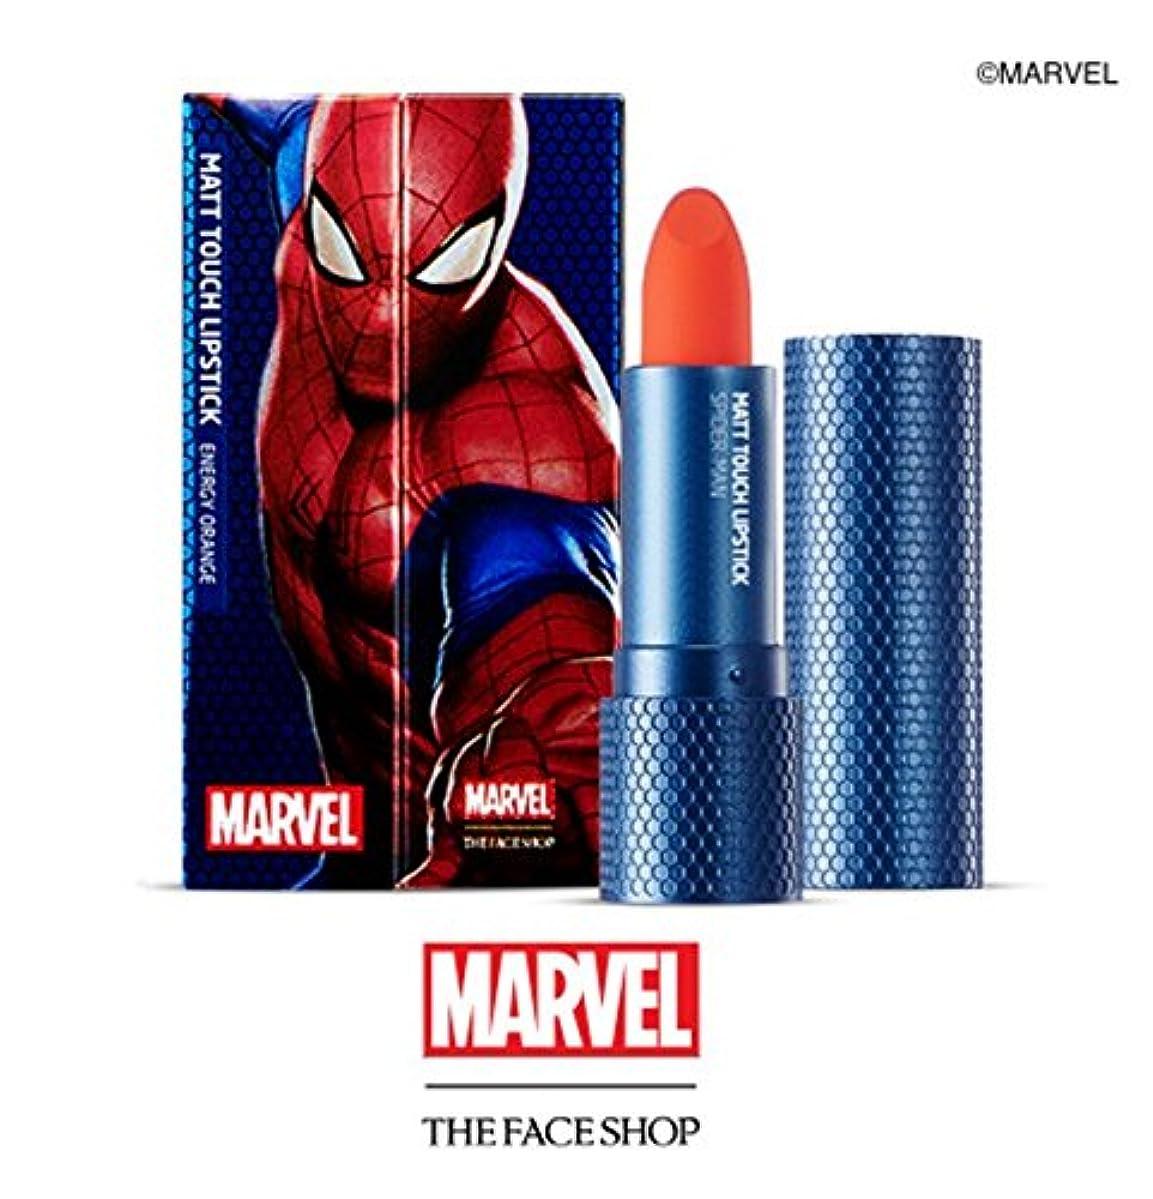 主導権液体傾向THE FACE SHOP マーベル限定版 マット タッチ リップスティック/MARVEL Edition Matt Touch Lipstictk (OR02) [並行輸入品]